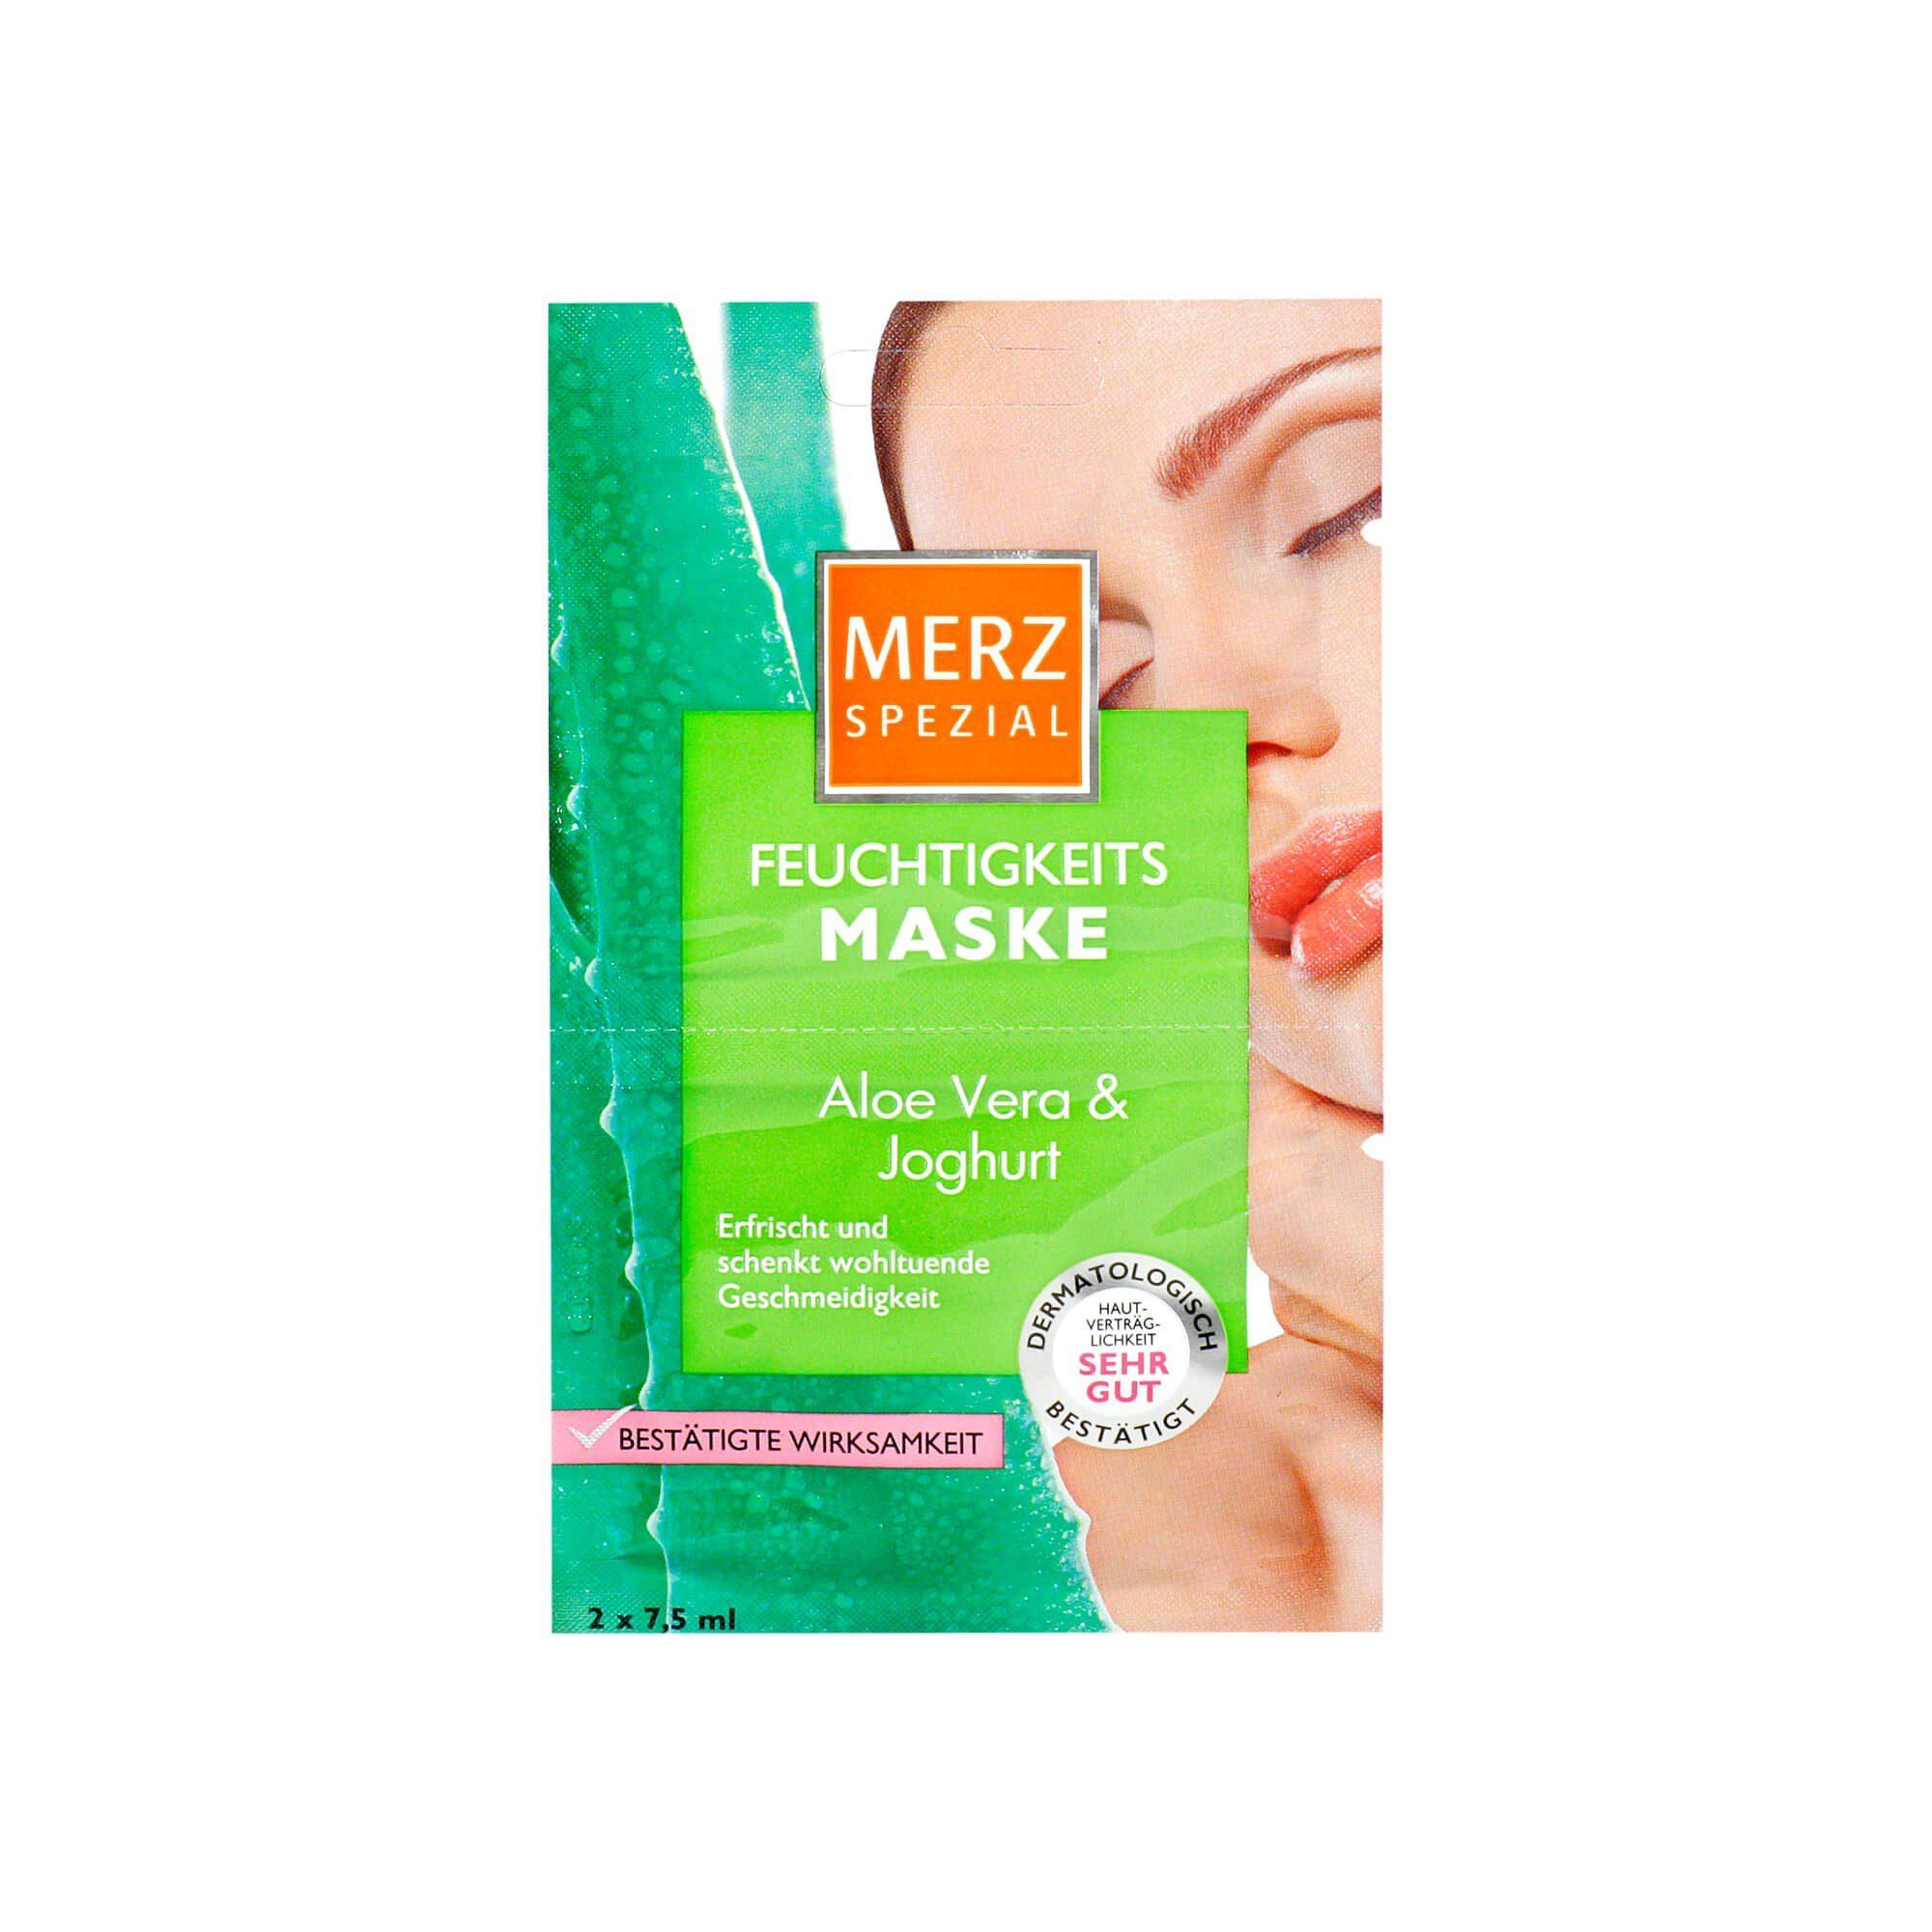 Merz Spezial Feuchtigkeits Maske , 2X7.5 ml